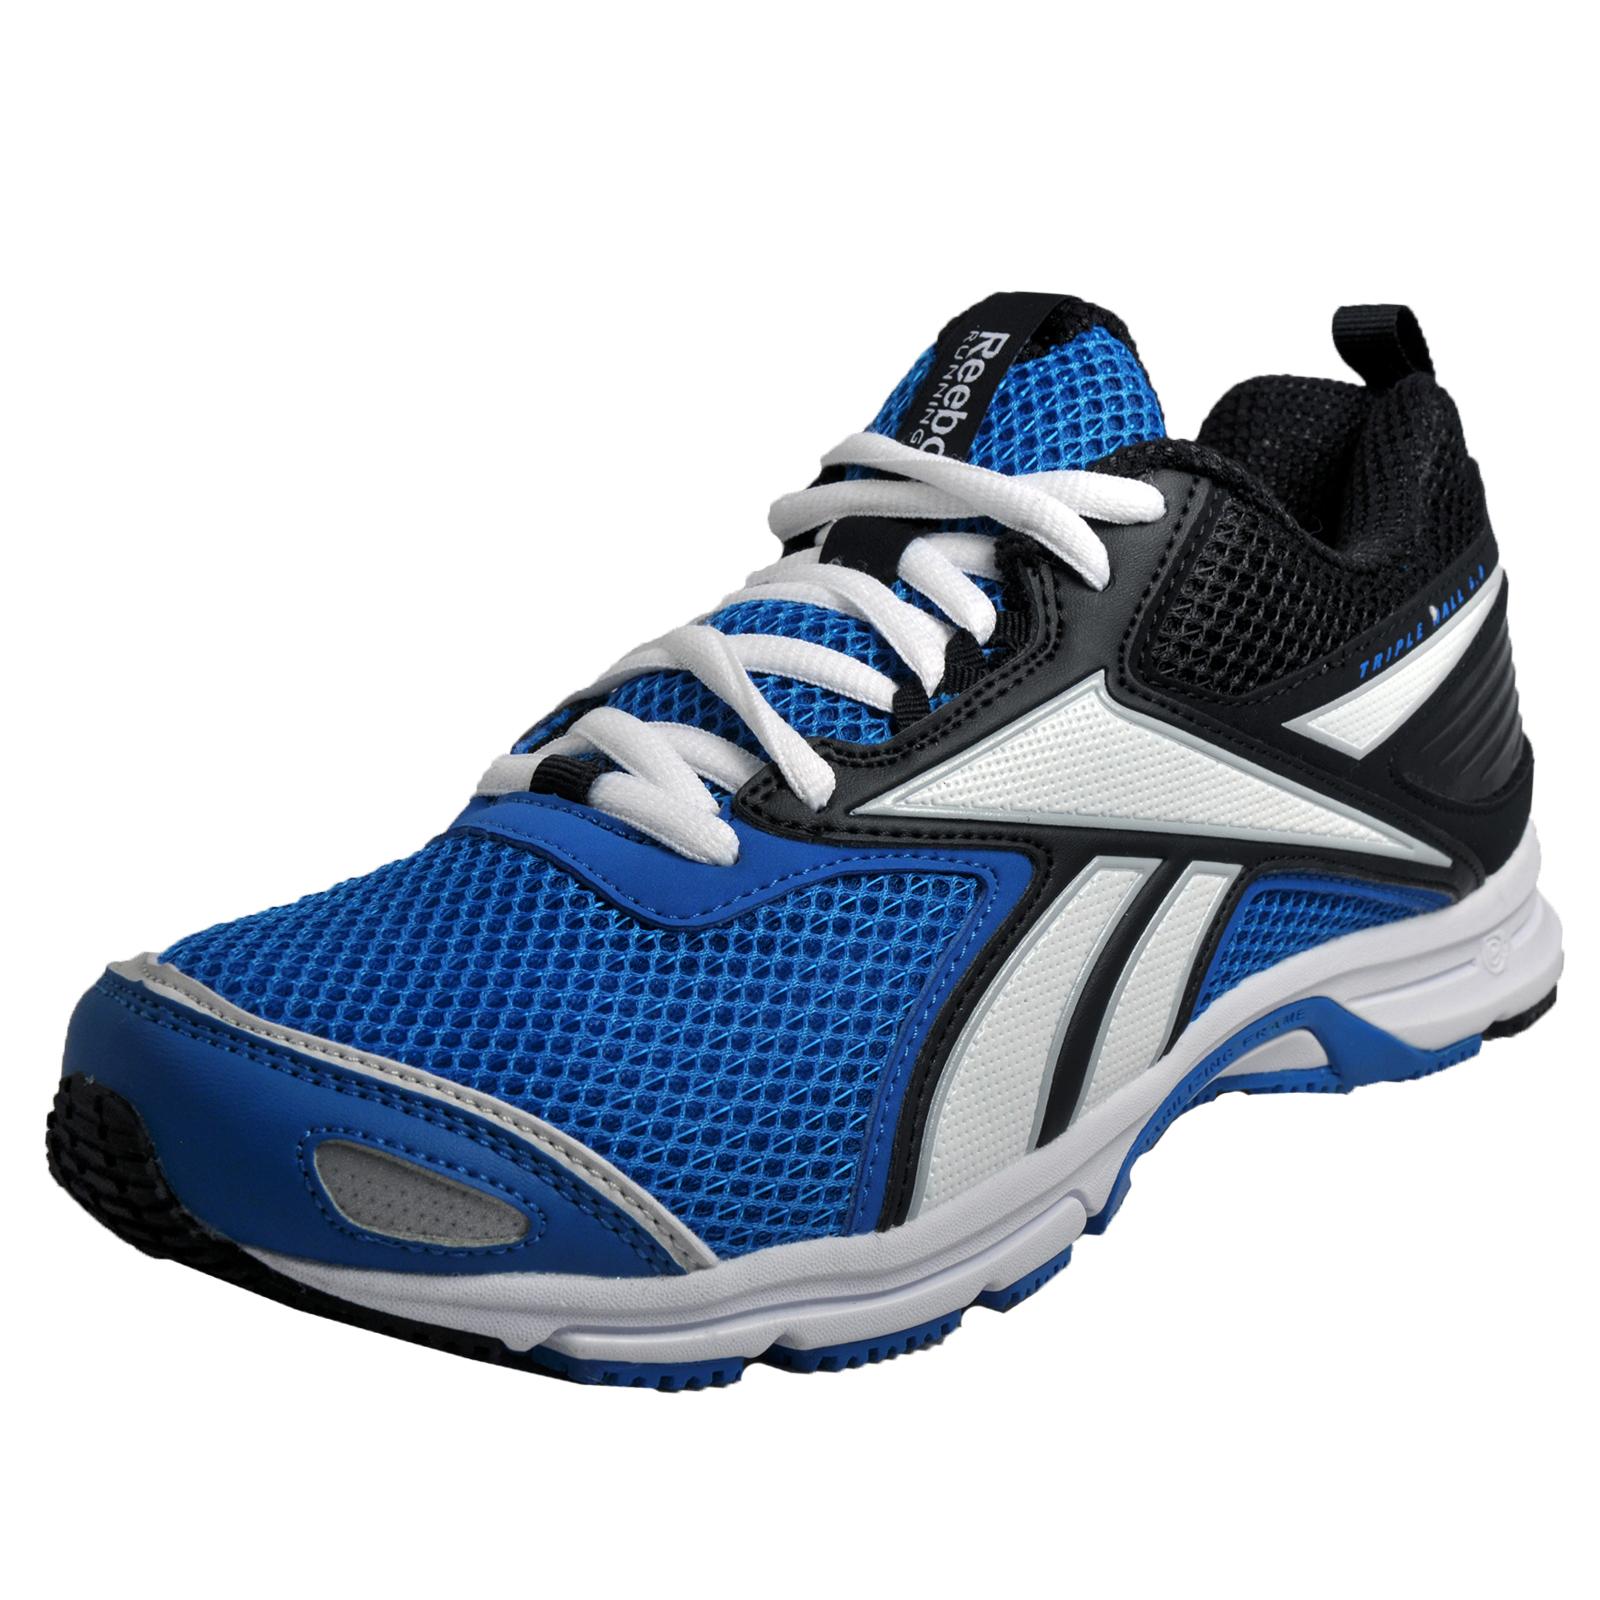 Reebok Womens Shoes Wide